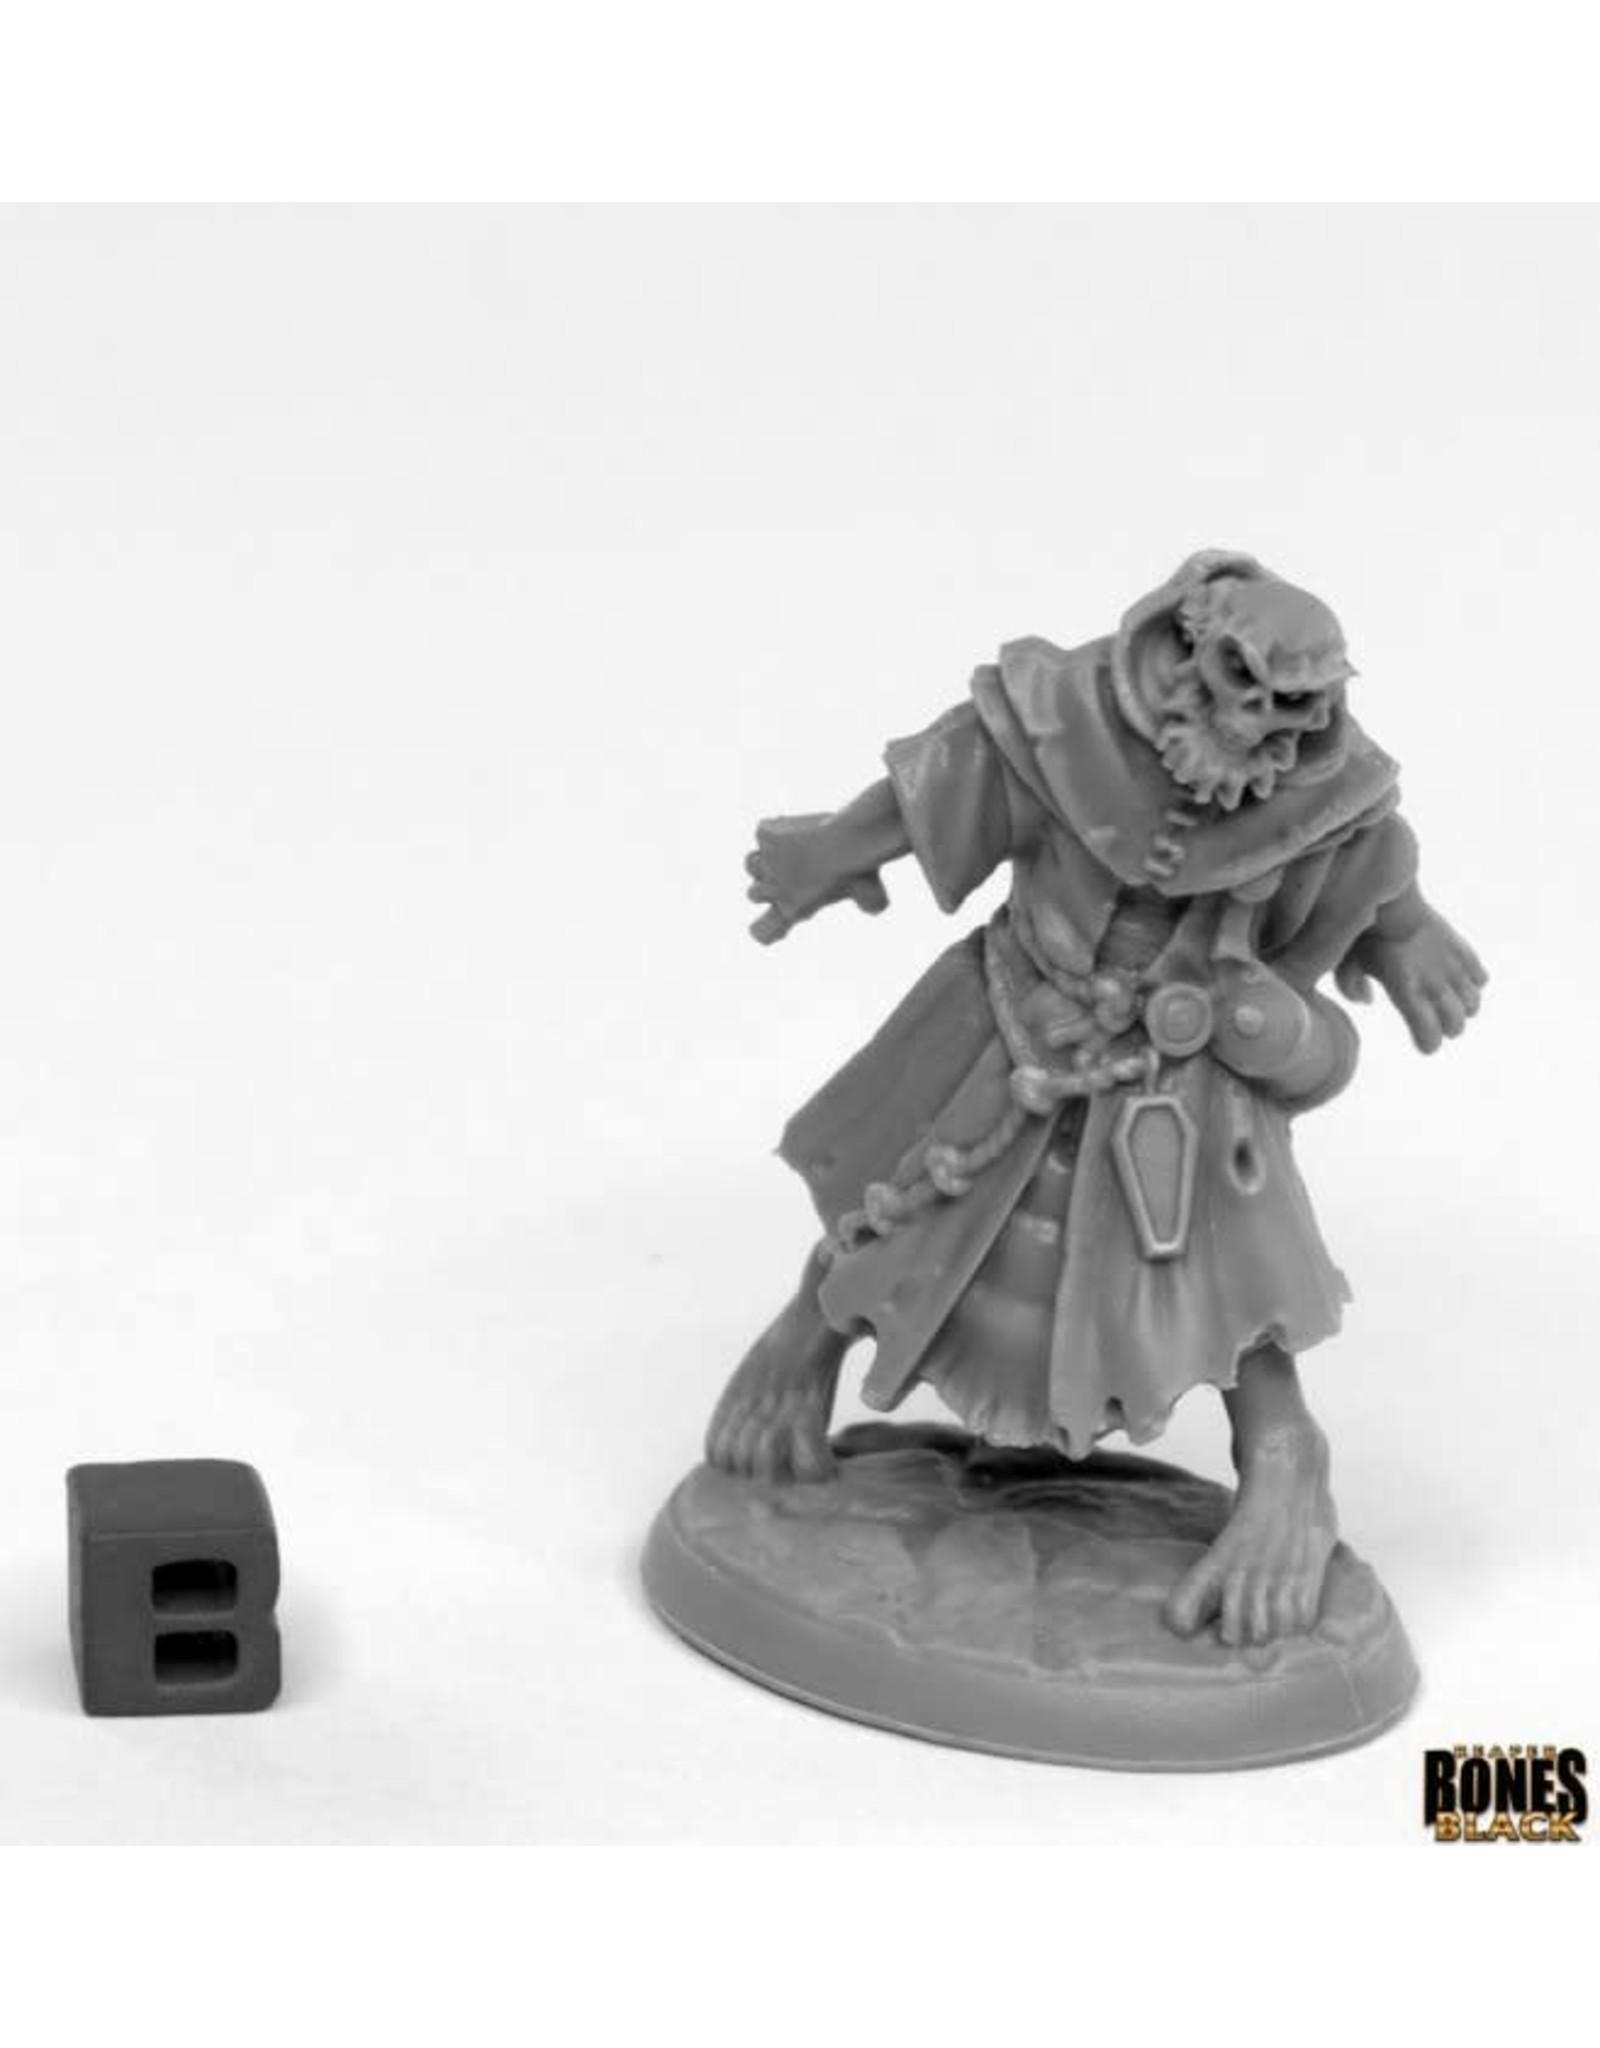 Reaper Miniatures Bones Black: Dreadmere Wight